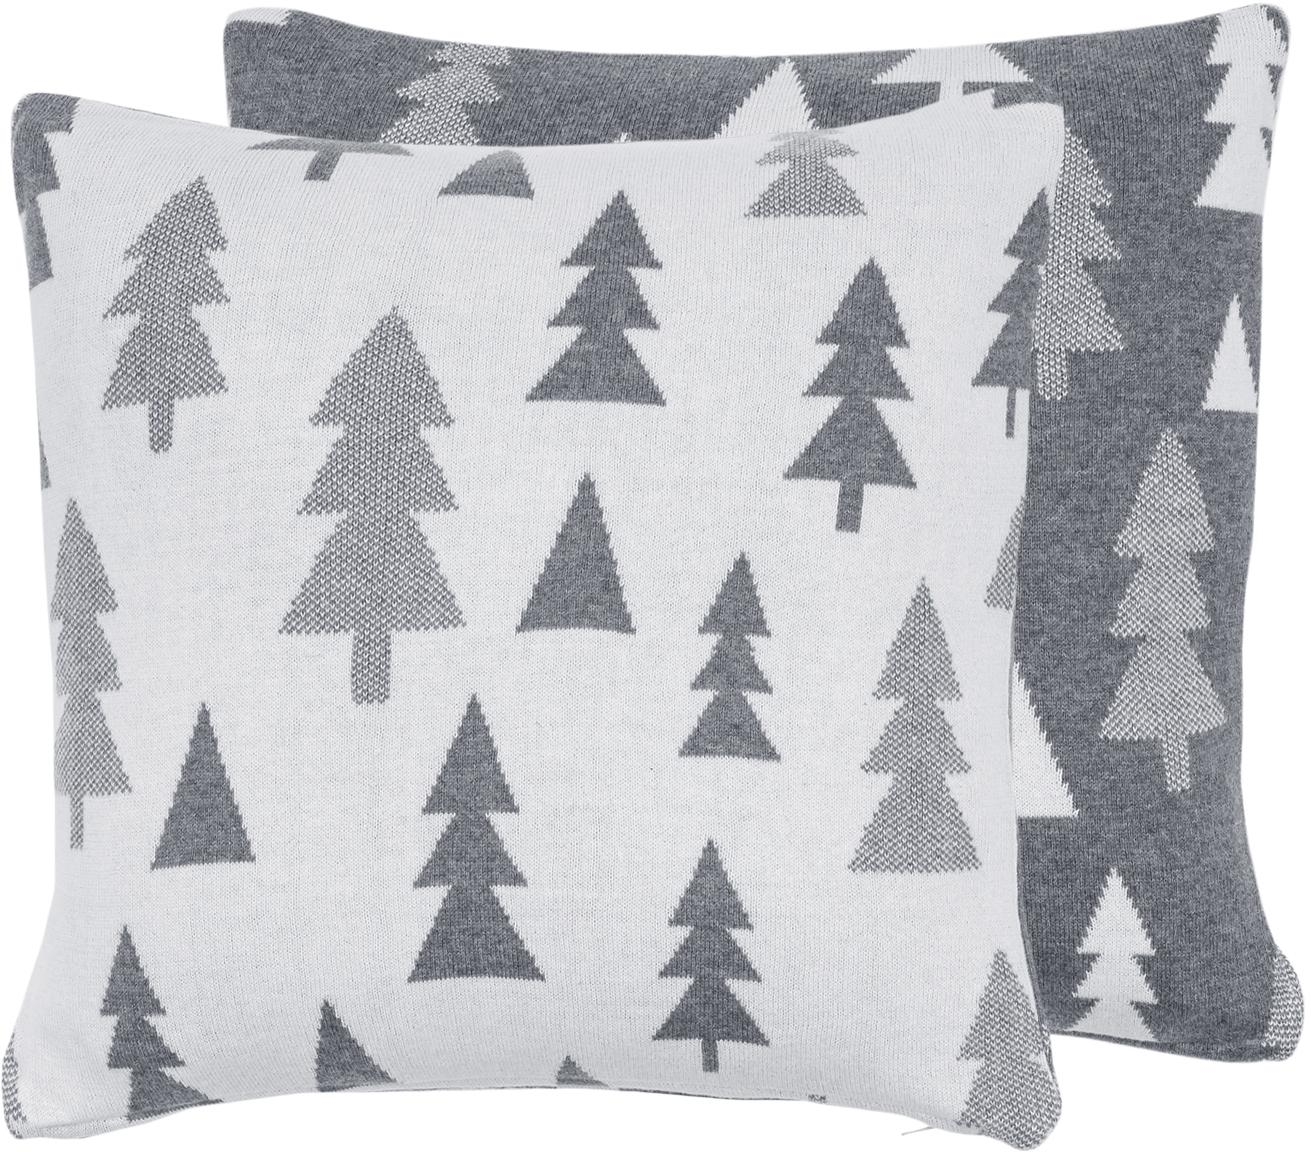 Federa arredo reversibile lavorata a maglia Joss, Cotone, Grigio, crema, Larg. 40 x Lung. 40 cm